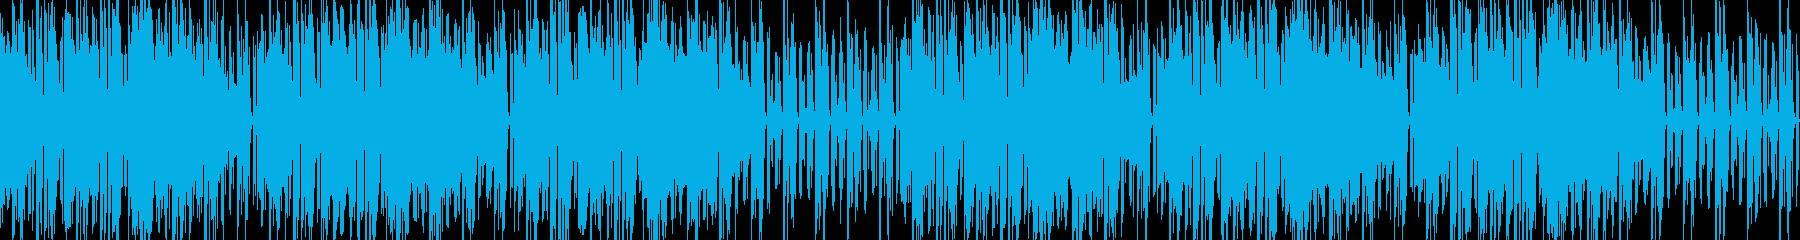 和風リズミカル電子音の再生済みの波形